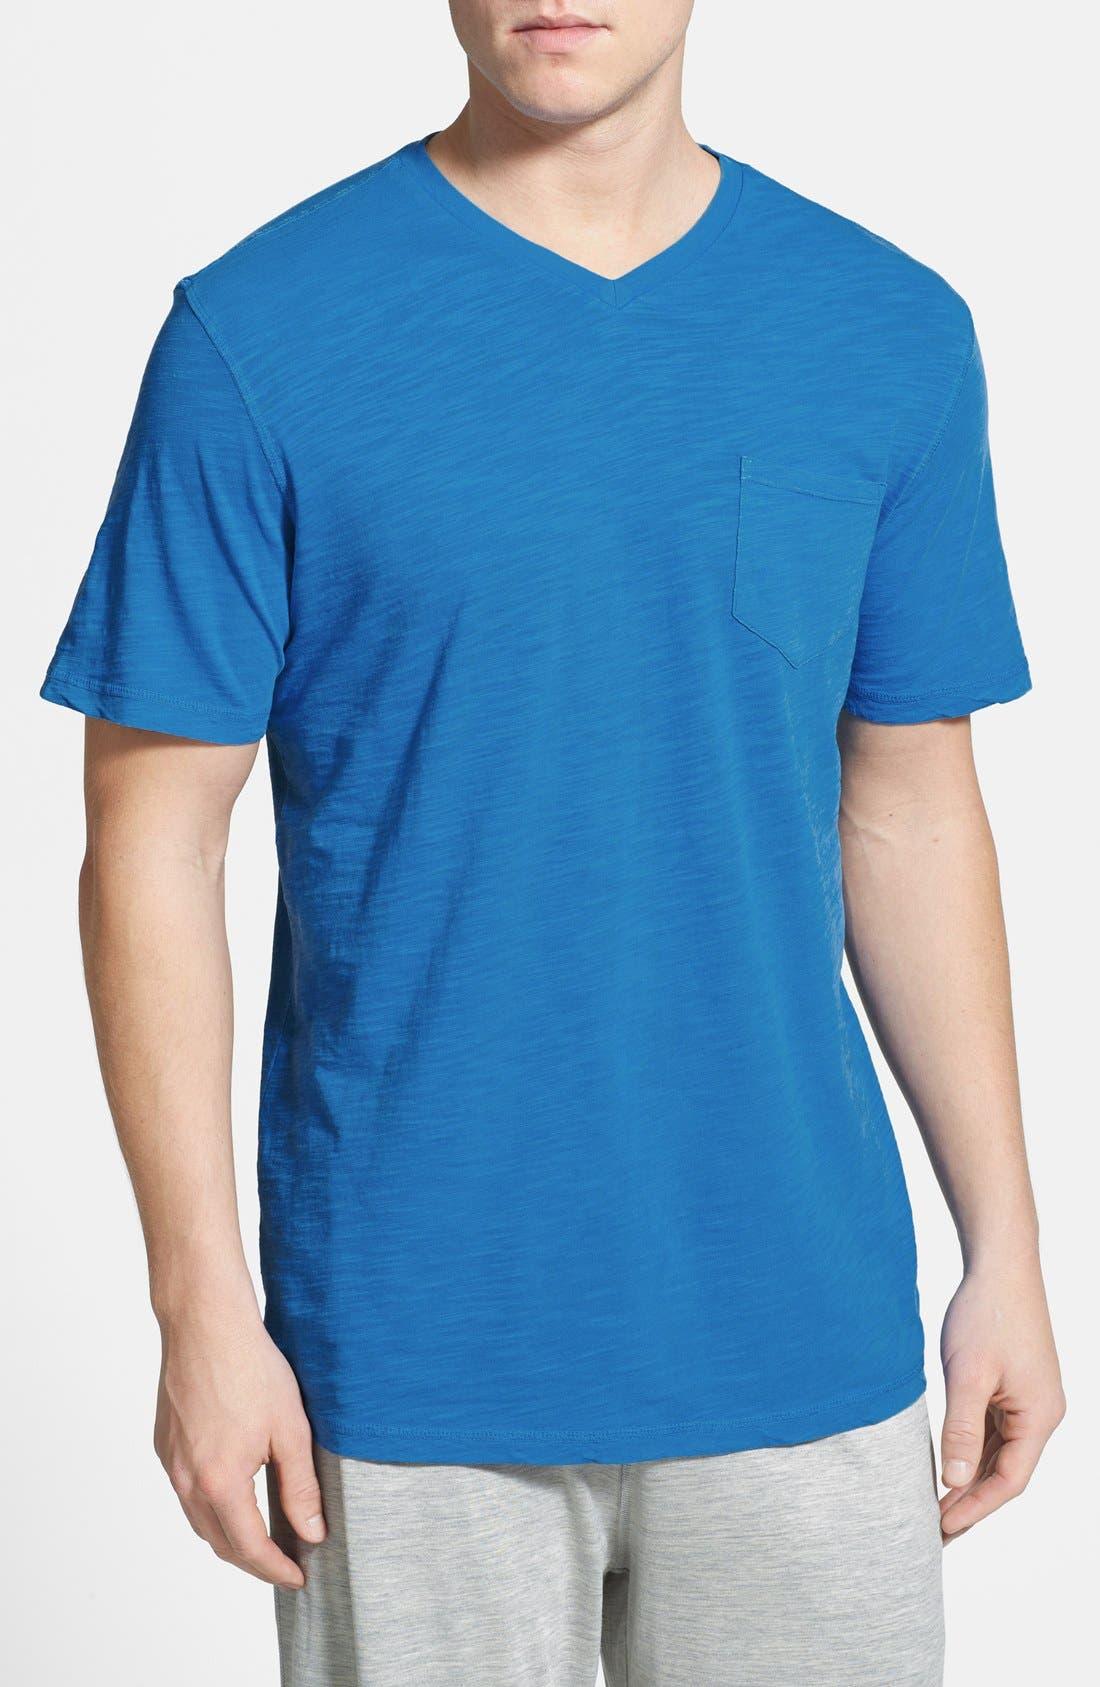 Main Image - Daniel Buchler Cotton Slub T-Shirt